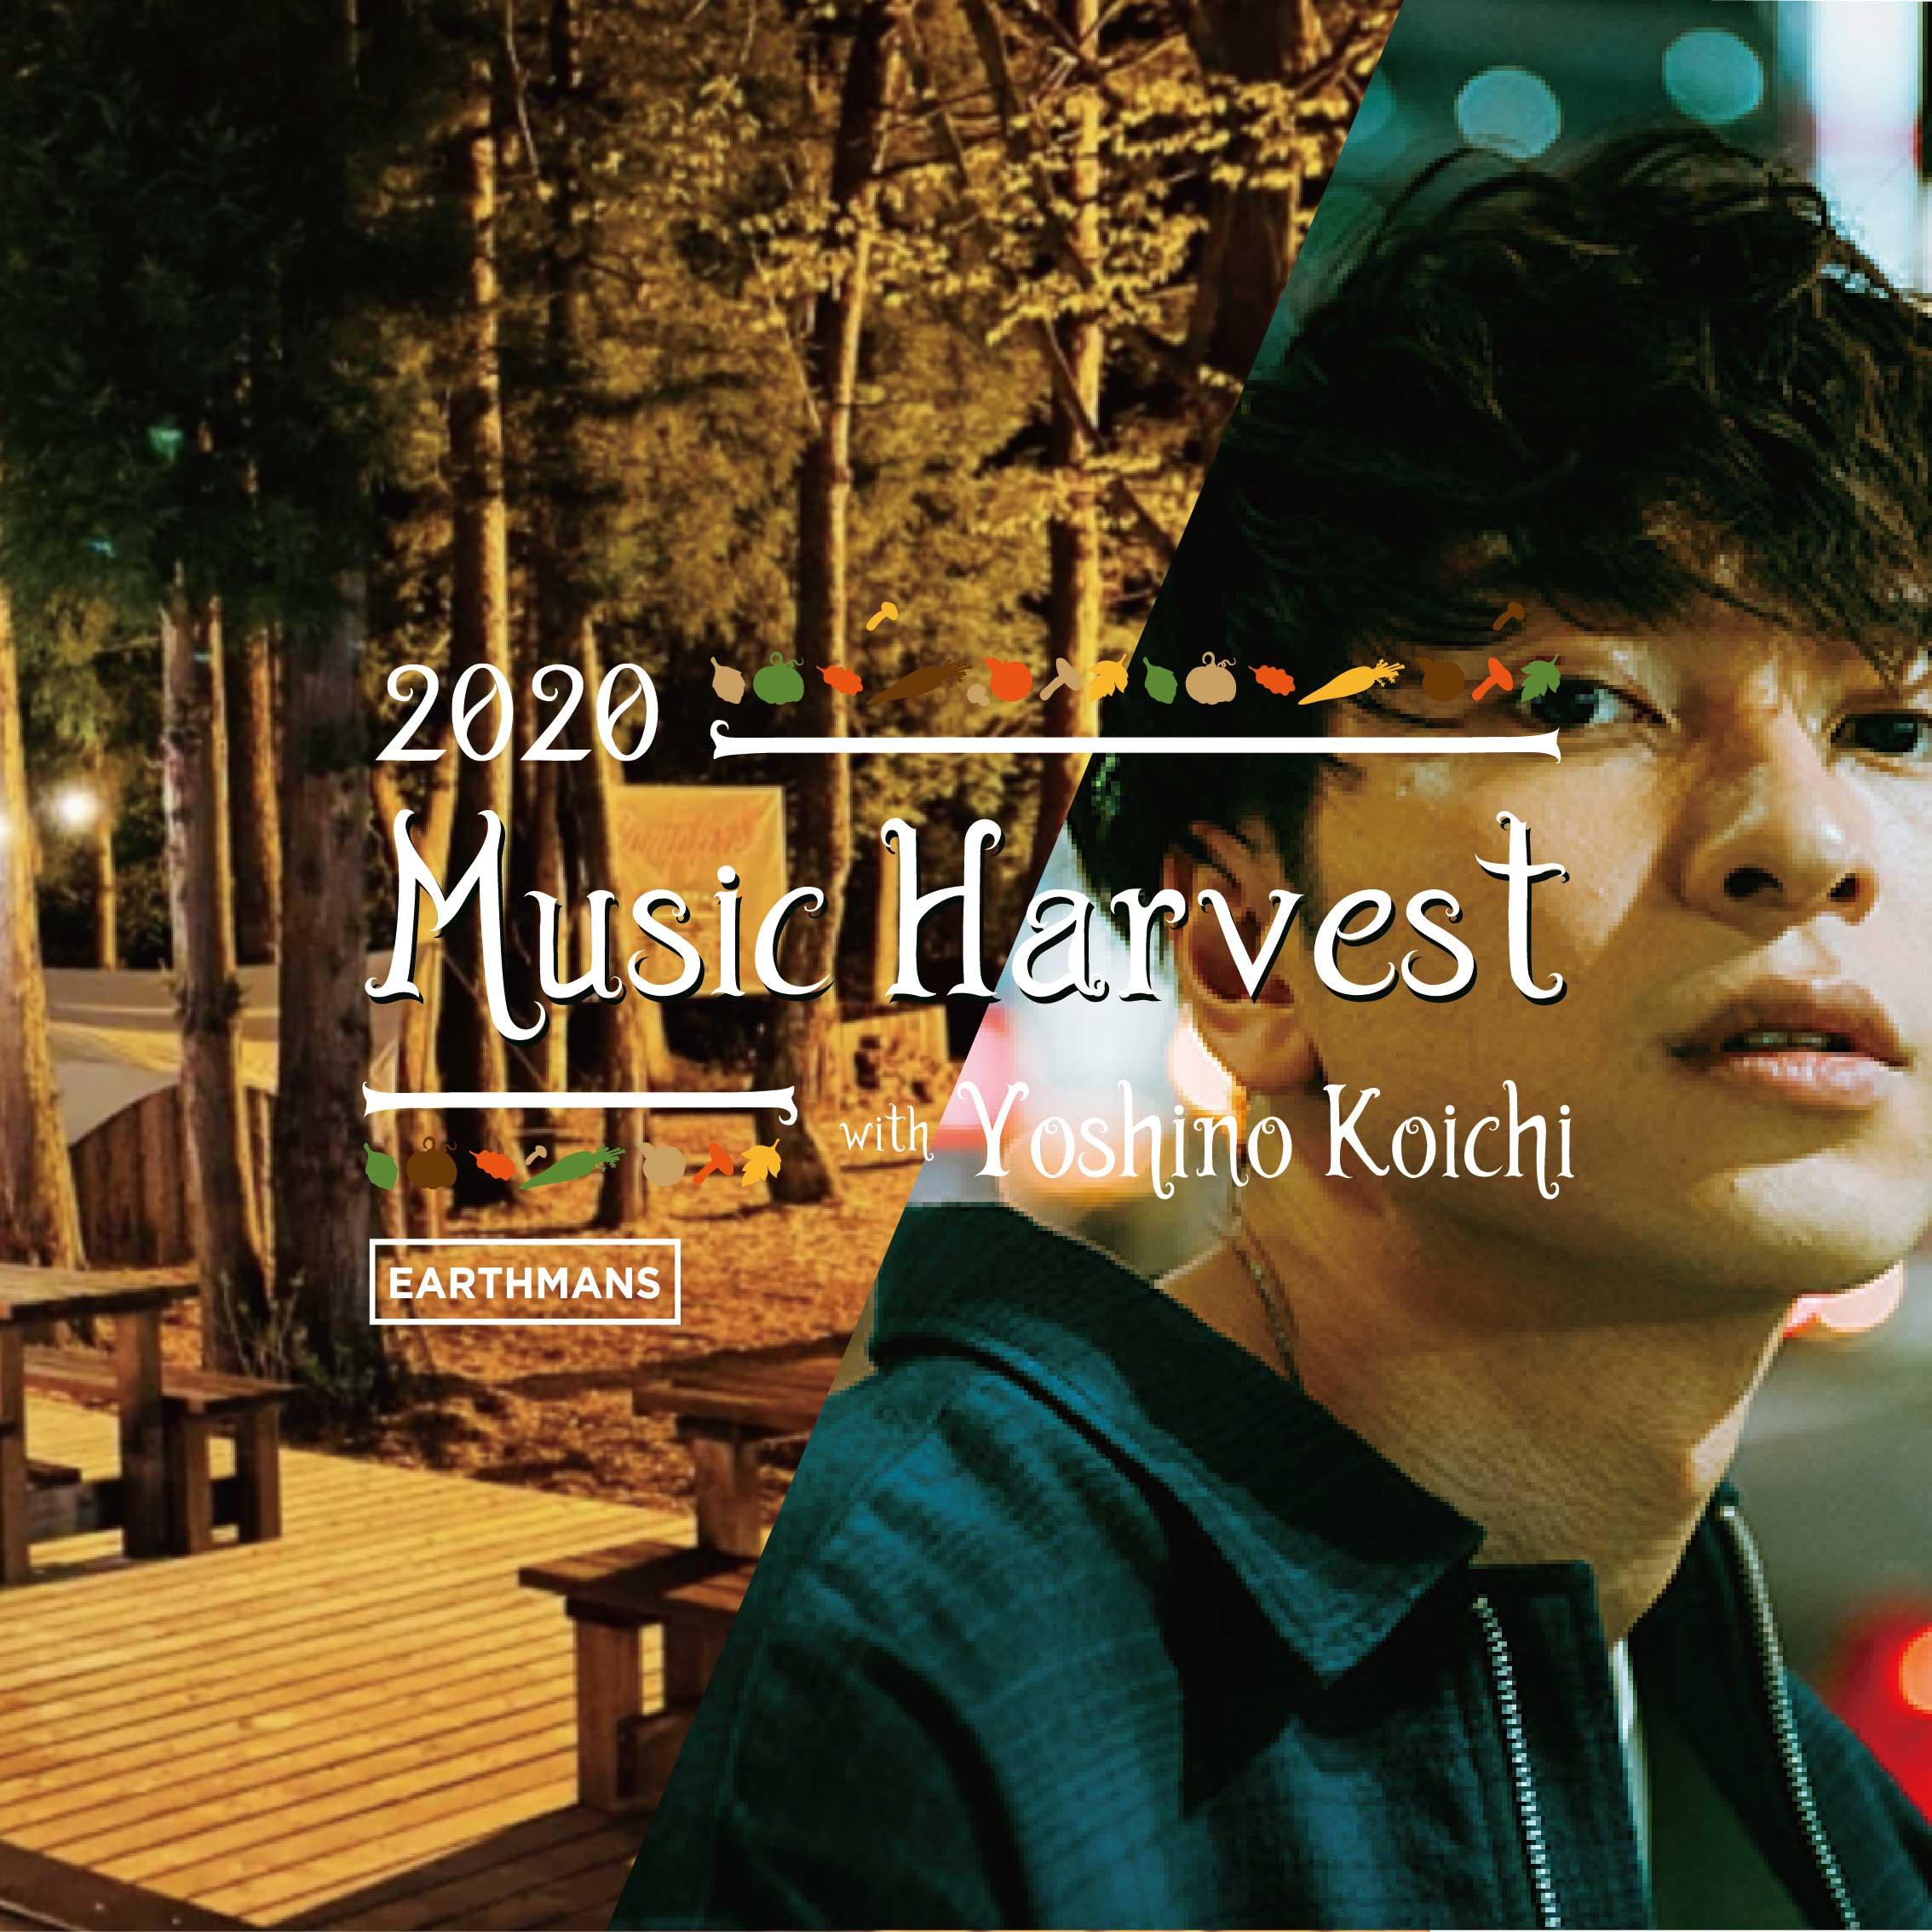 【吉野晃一】Music Harvest 2020 in TSUGAIKE